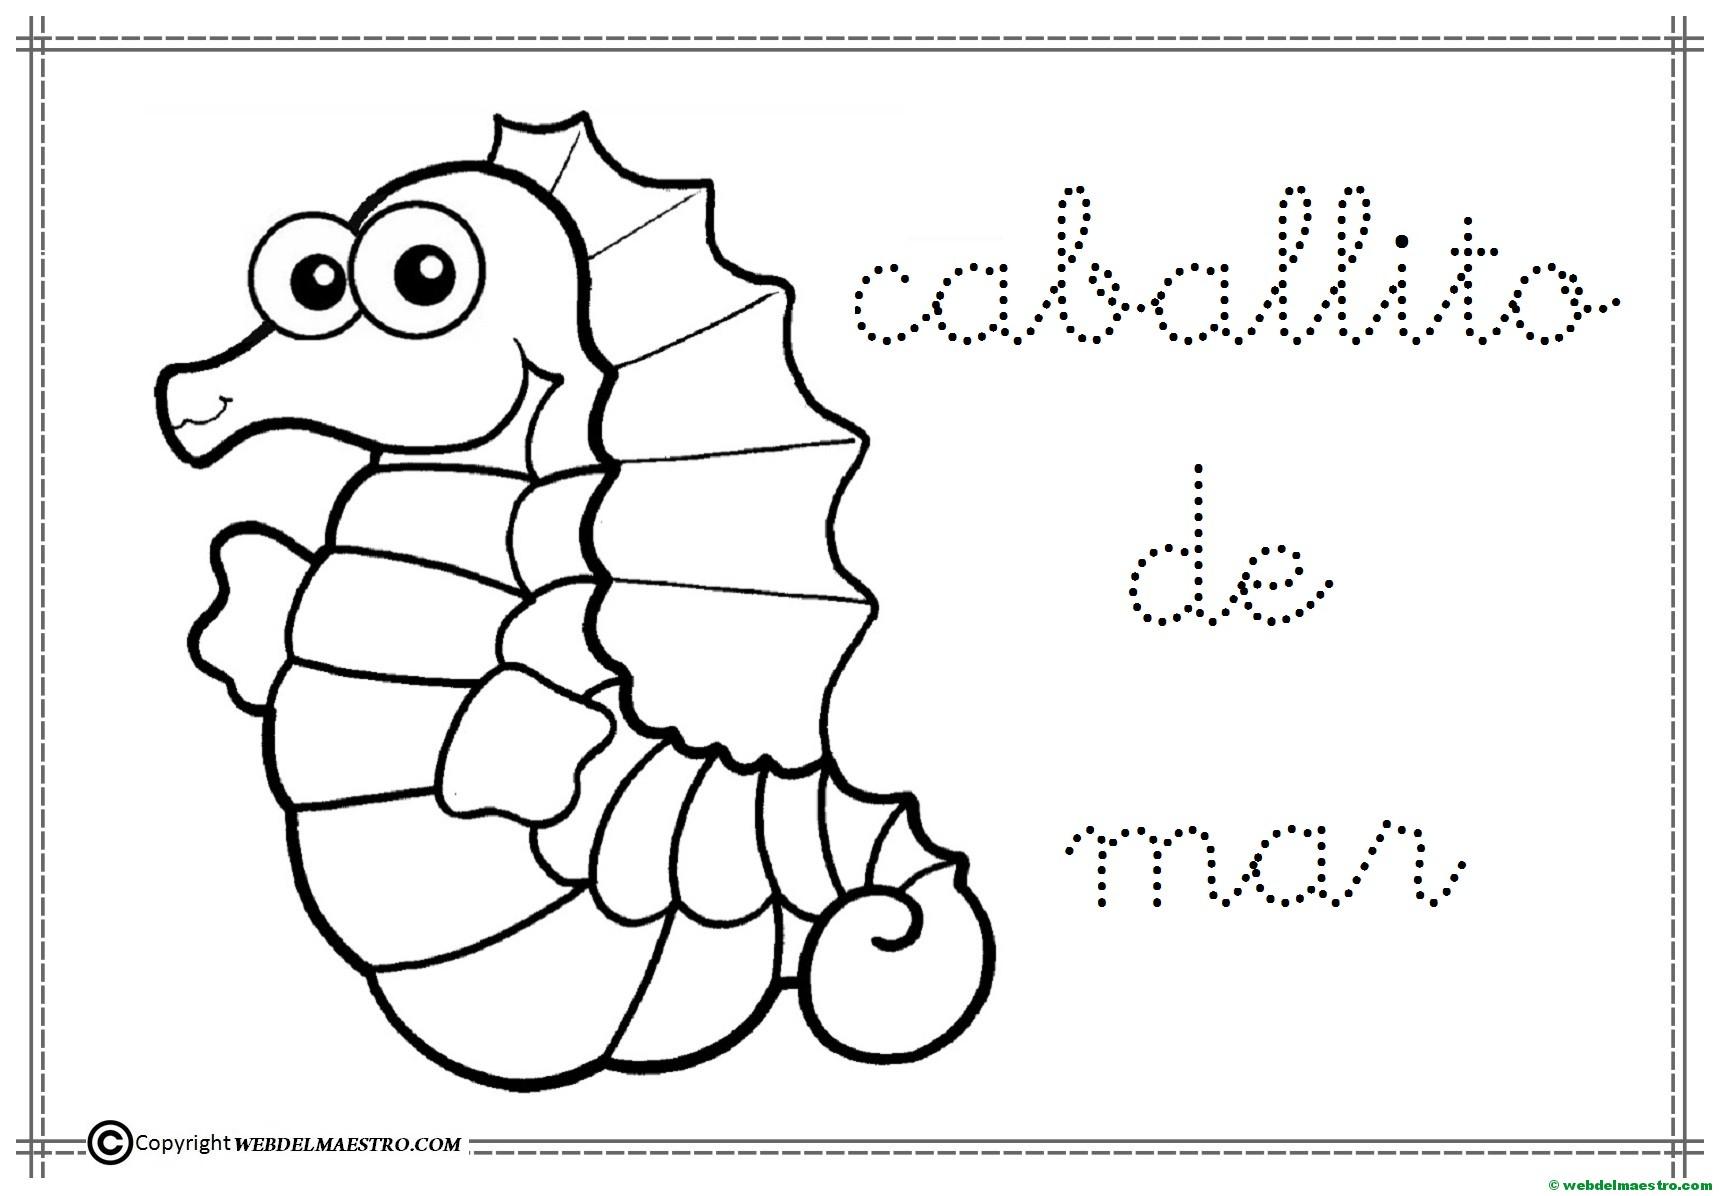 Dibujos Para Colorear Faciles Dibujos Infantiles Web Del Maestro